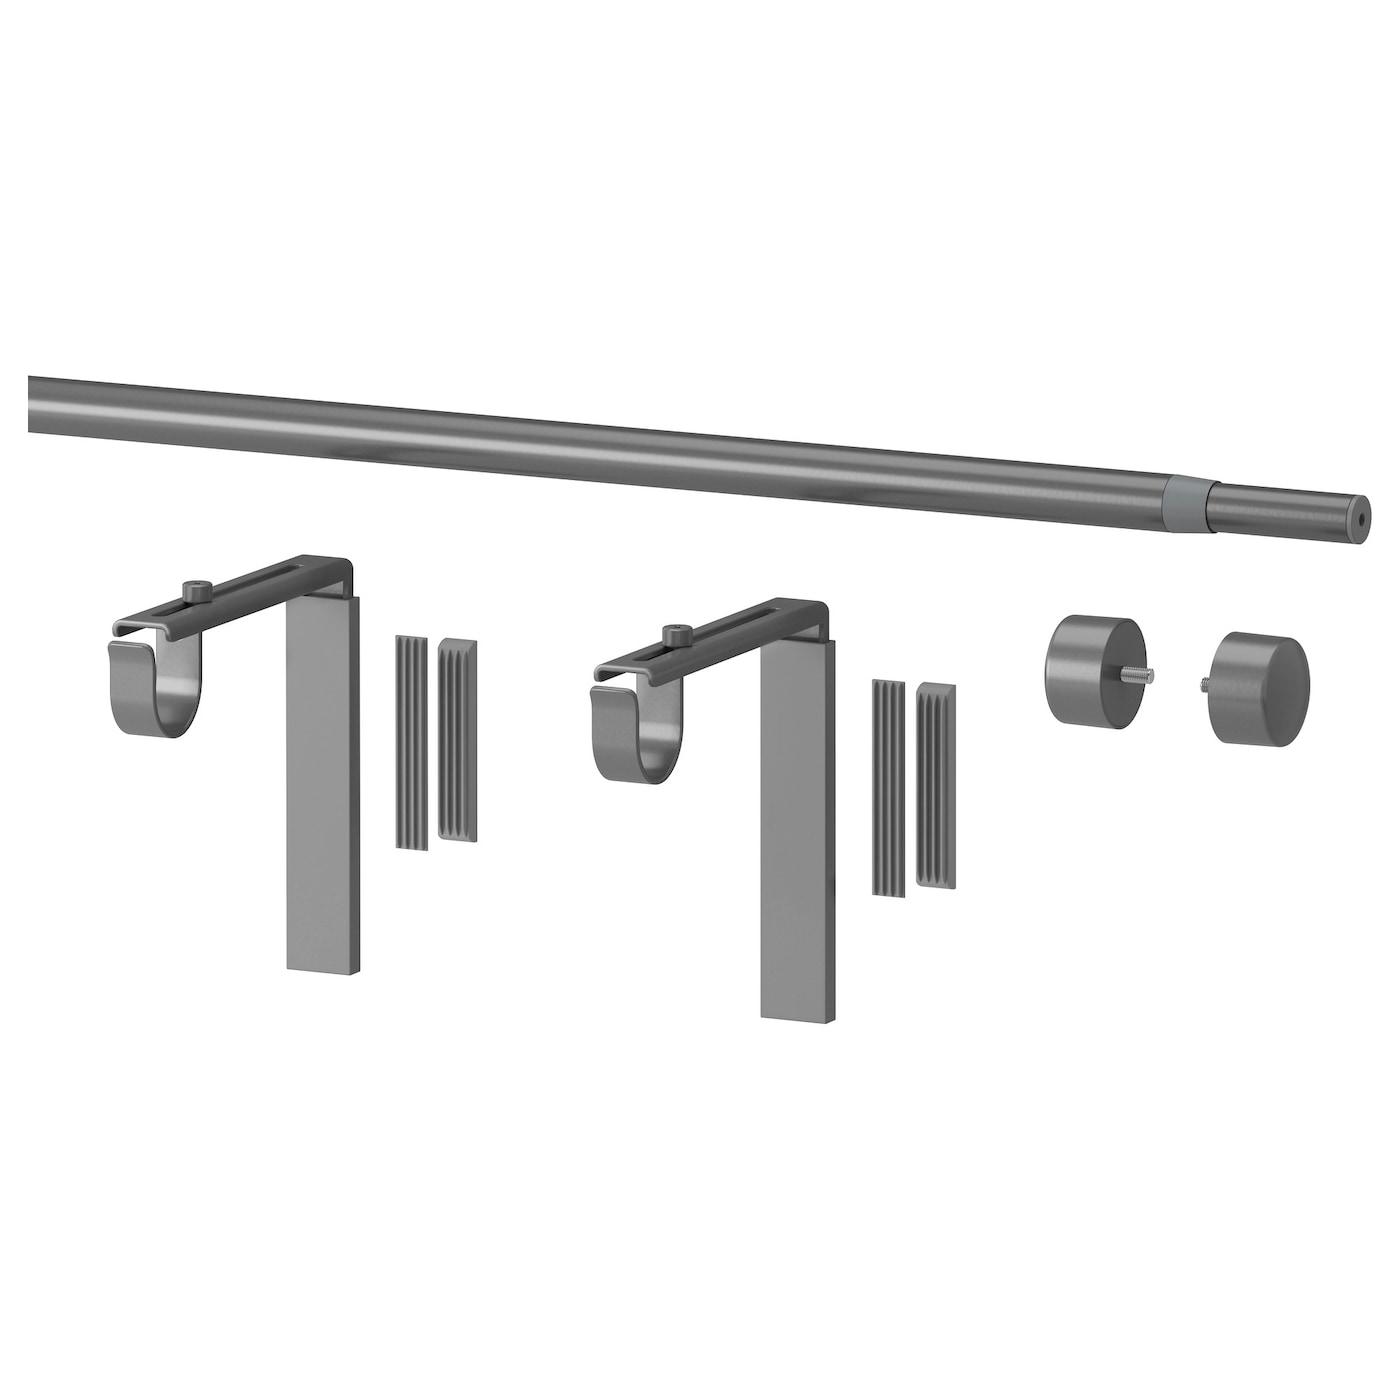 IKEA Raffig Finials 1 Pair Silver 002.199.37